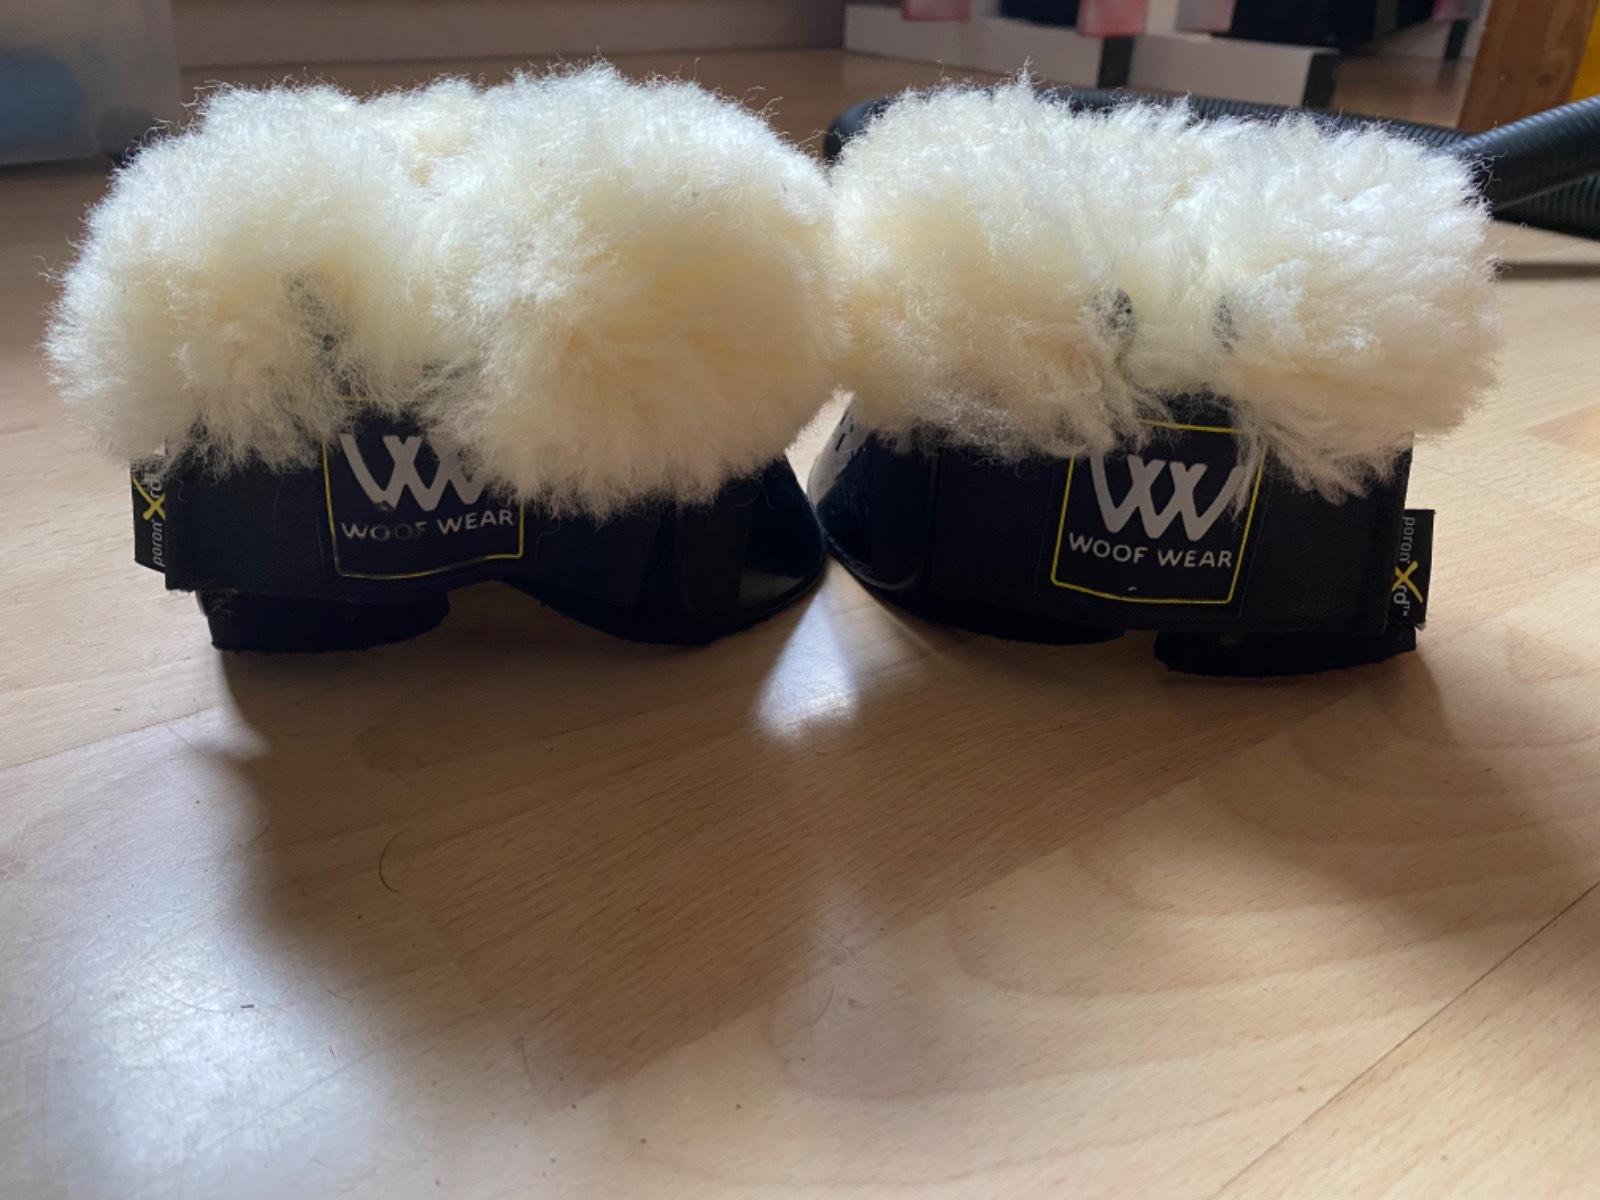 Woofwear fluffy overreach boots